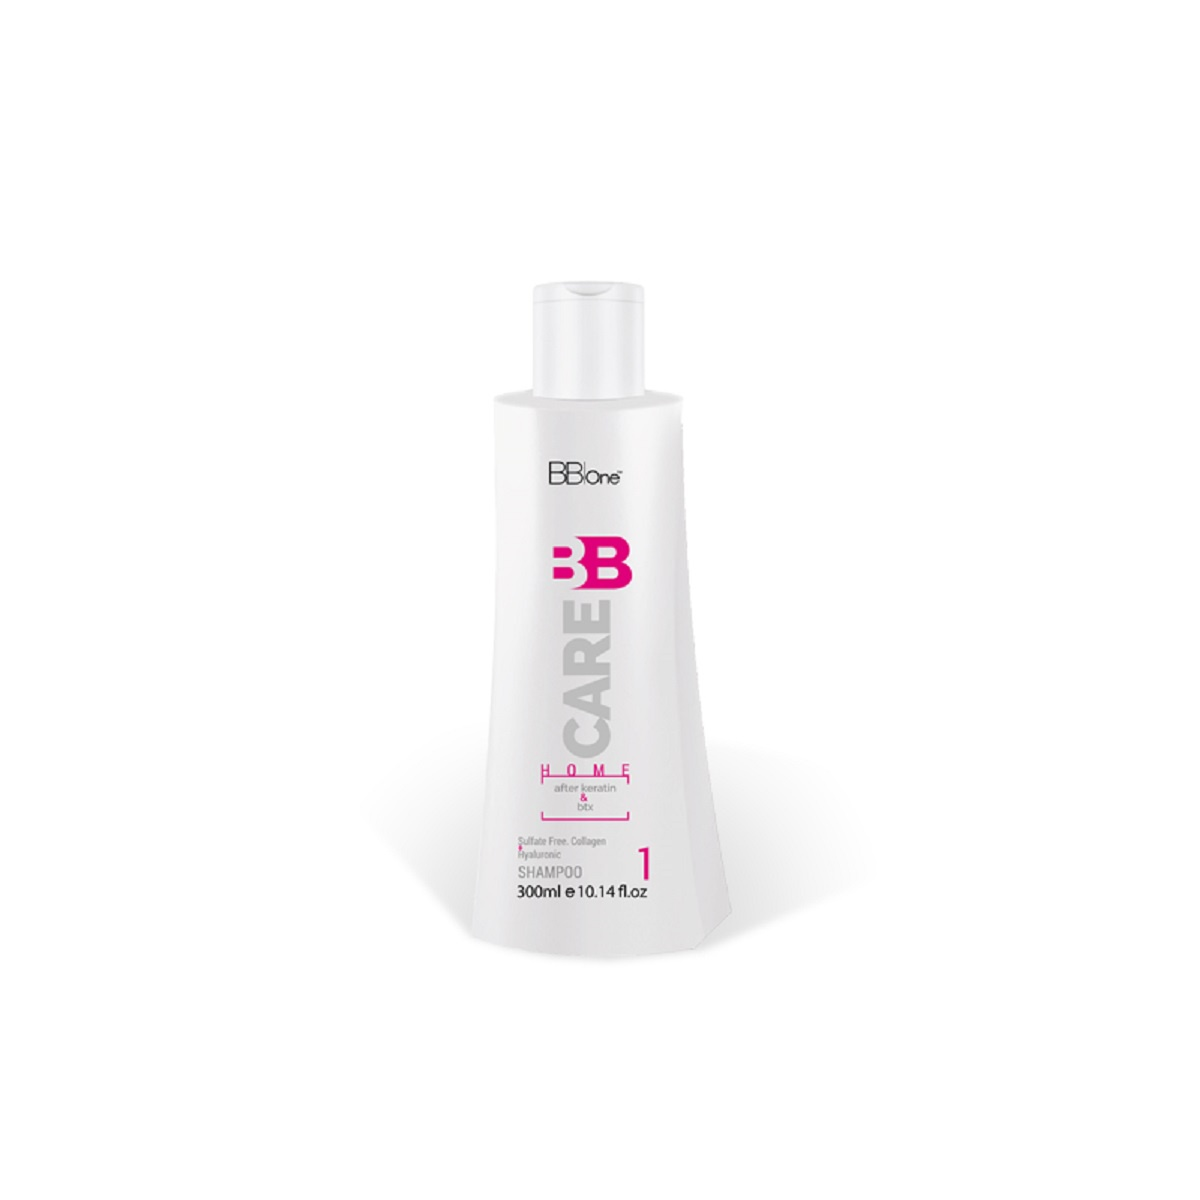 Шампунь для волос BB one BB CARE AFTER KERATIN & BTX, 300 bb one рабочая тетрадь bb one